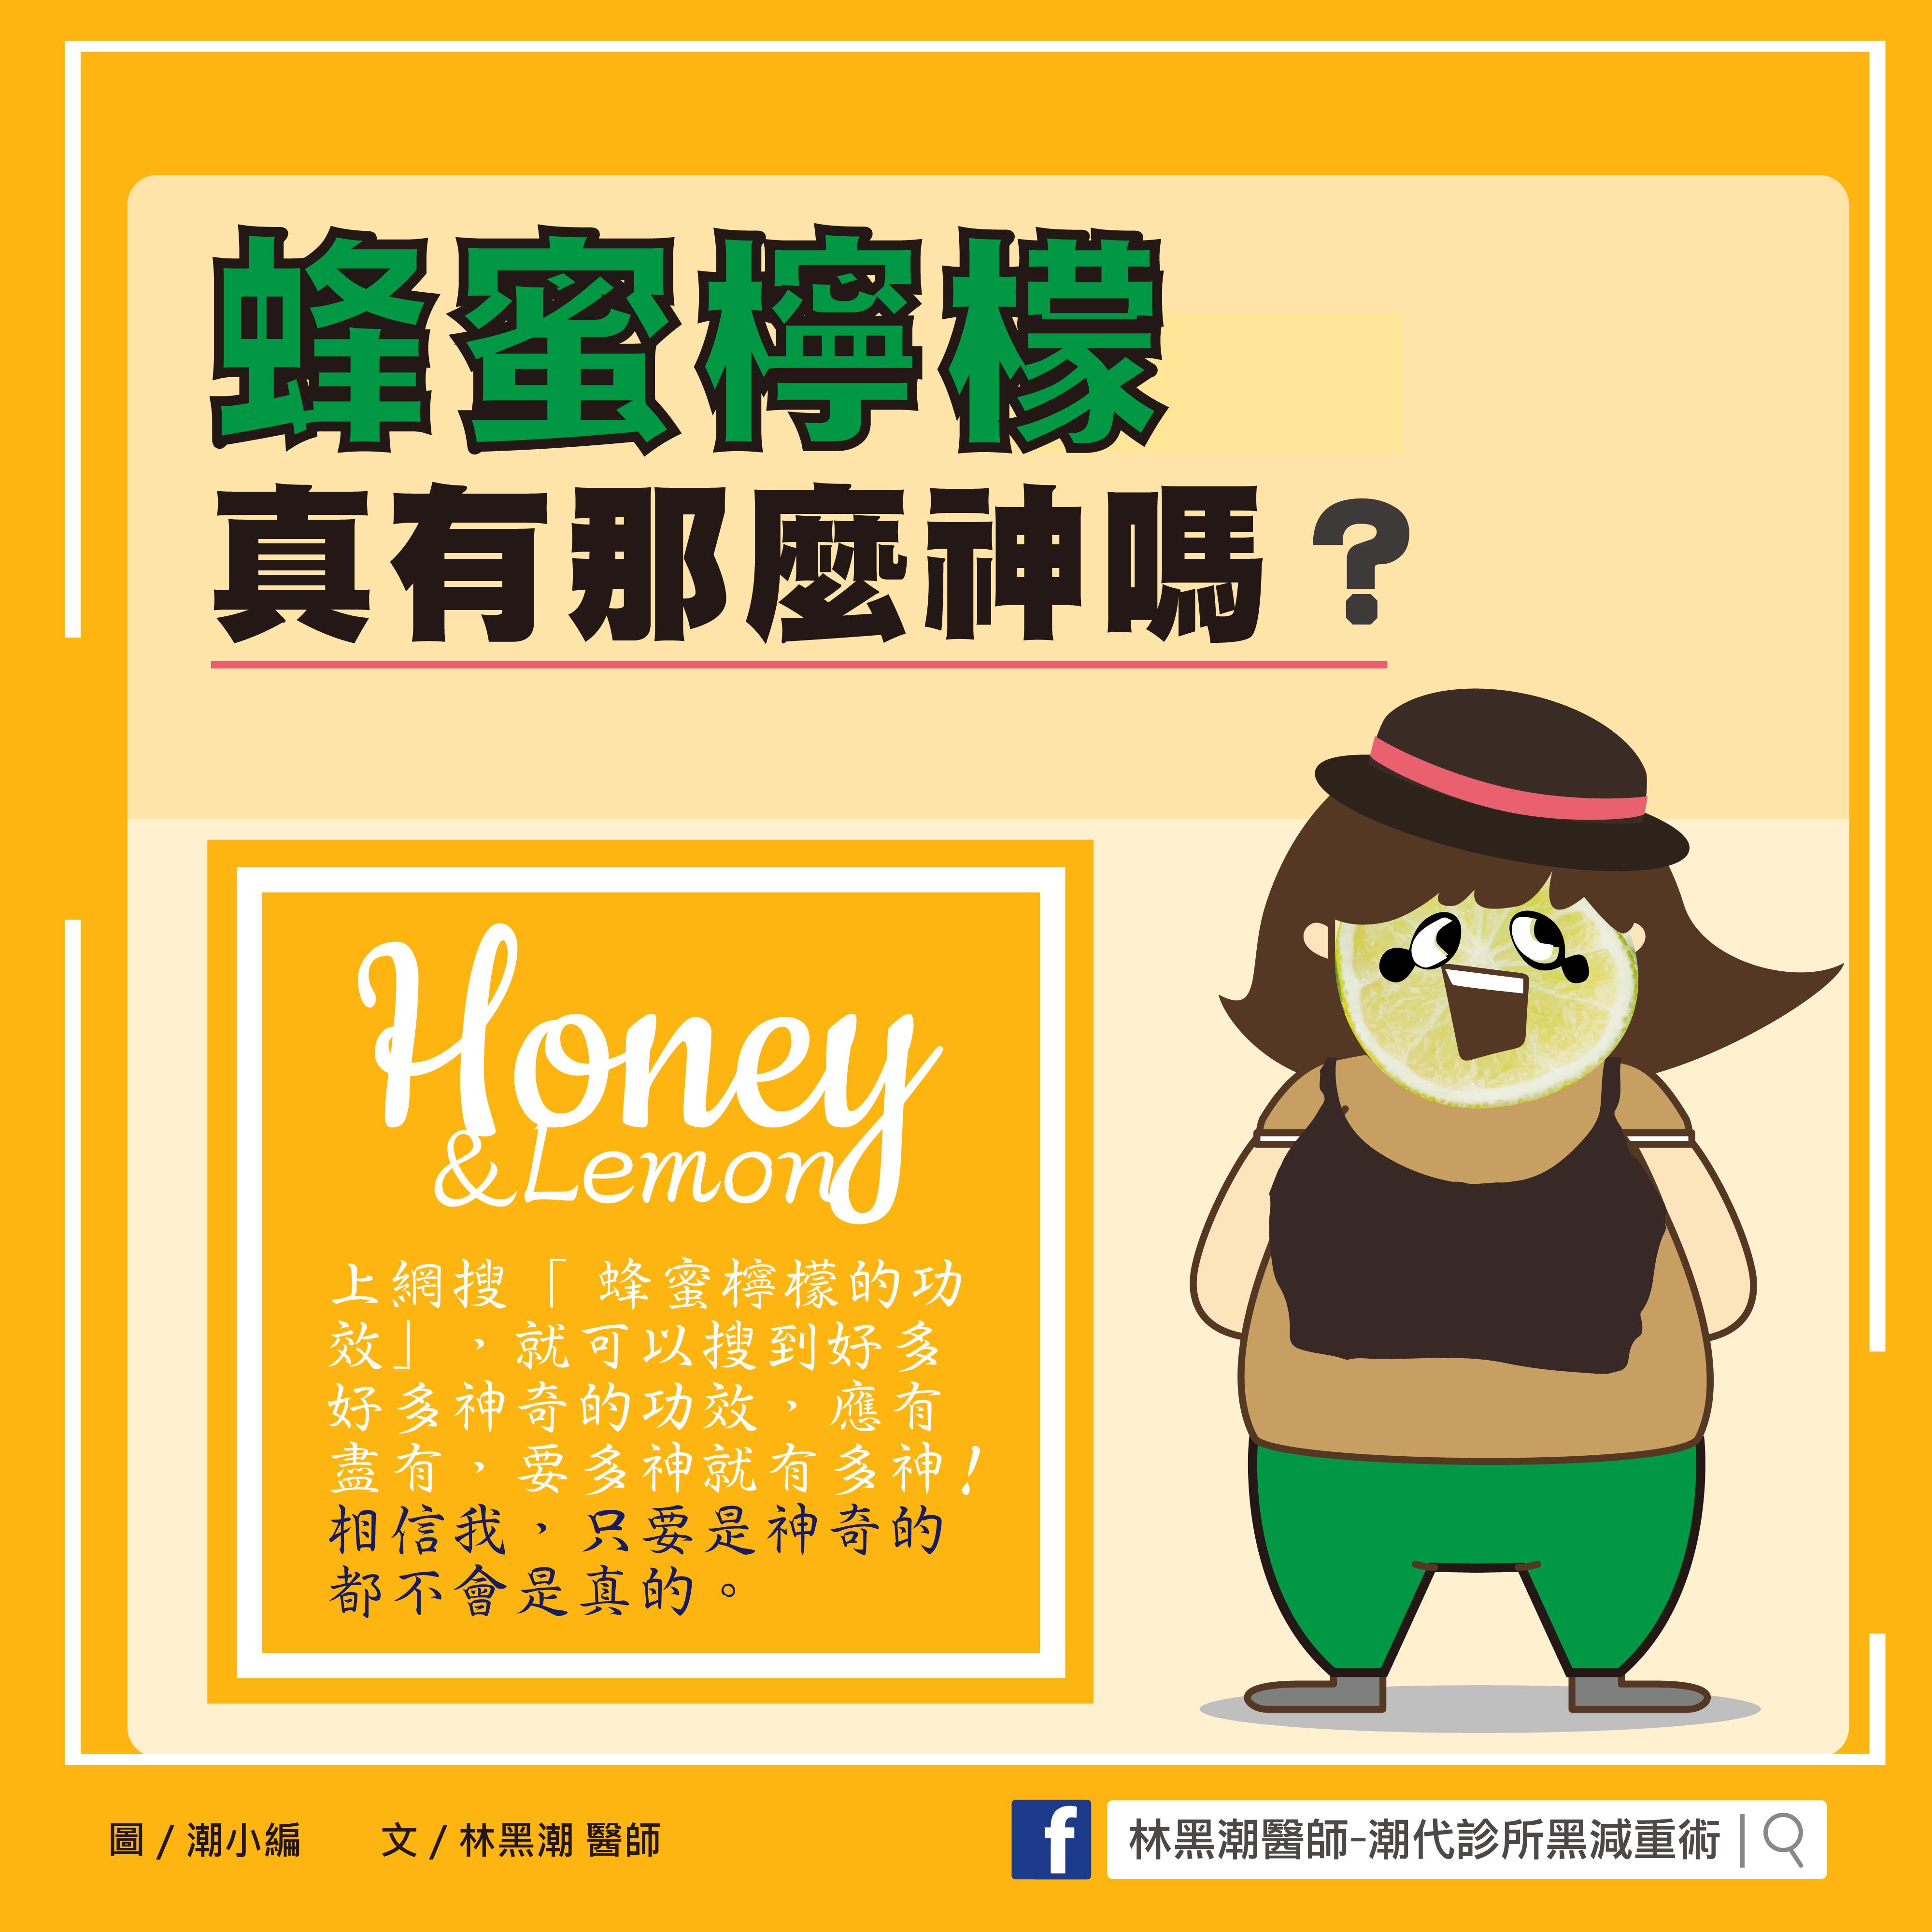 蜂蜜檸檬真有那麼神嗎?